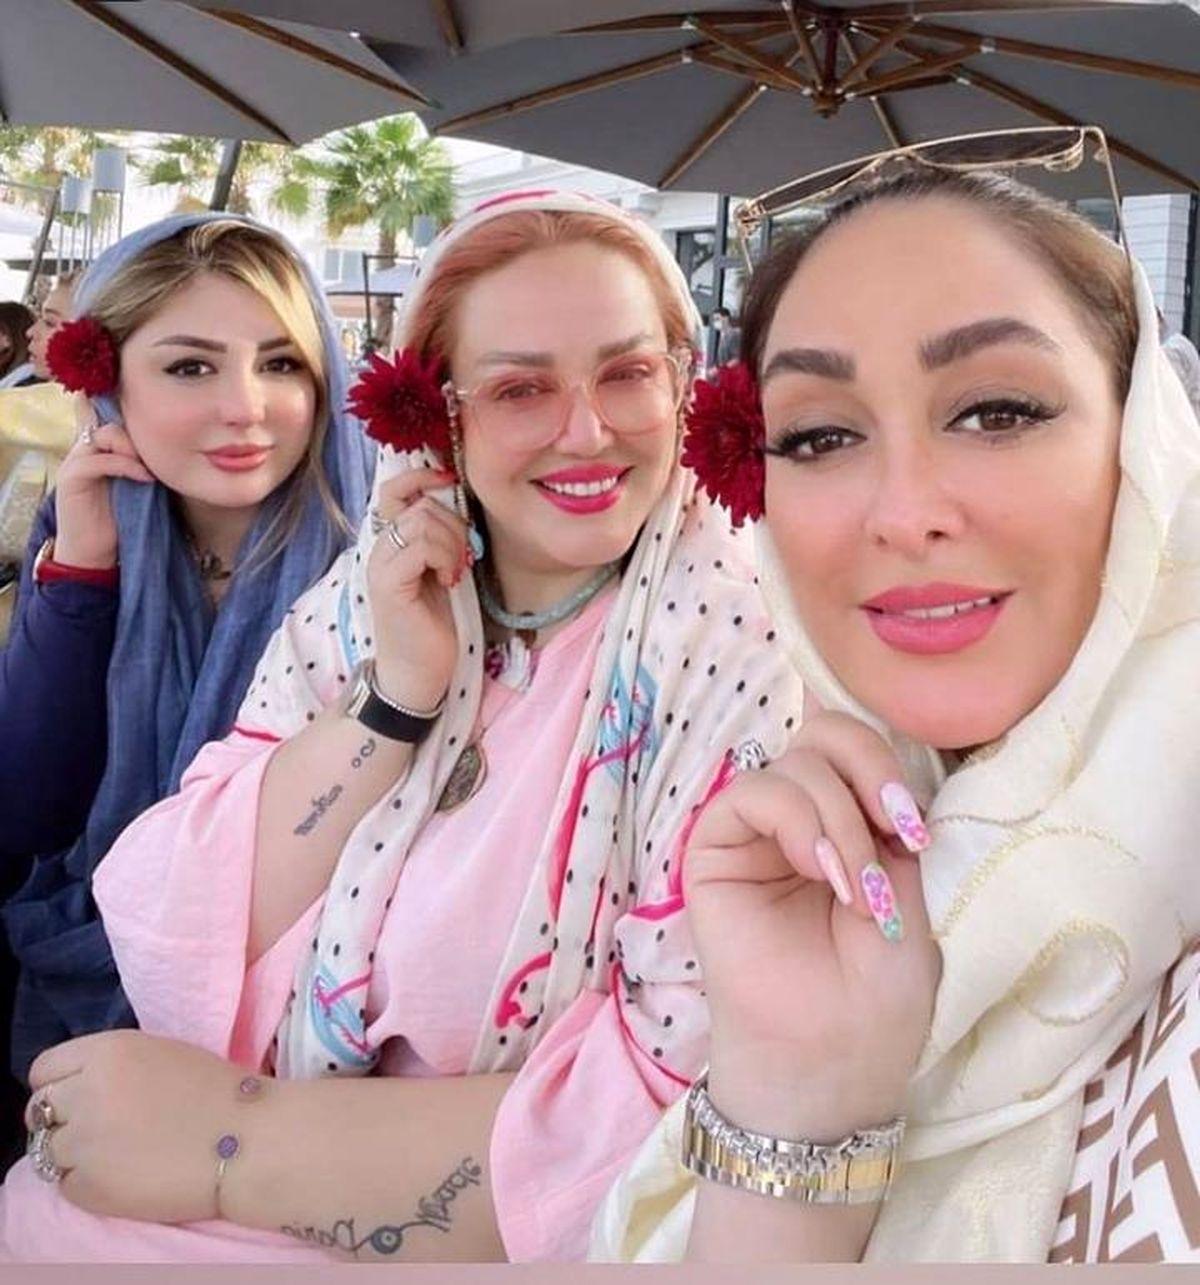 تعطیلات بهاره رهنما و نیوشا ضیغمی در دروان کرونا +عکس